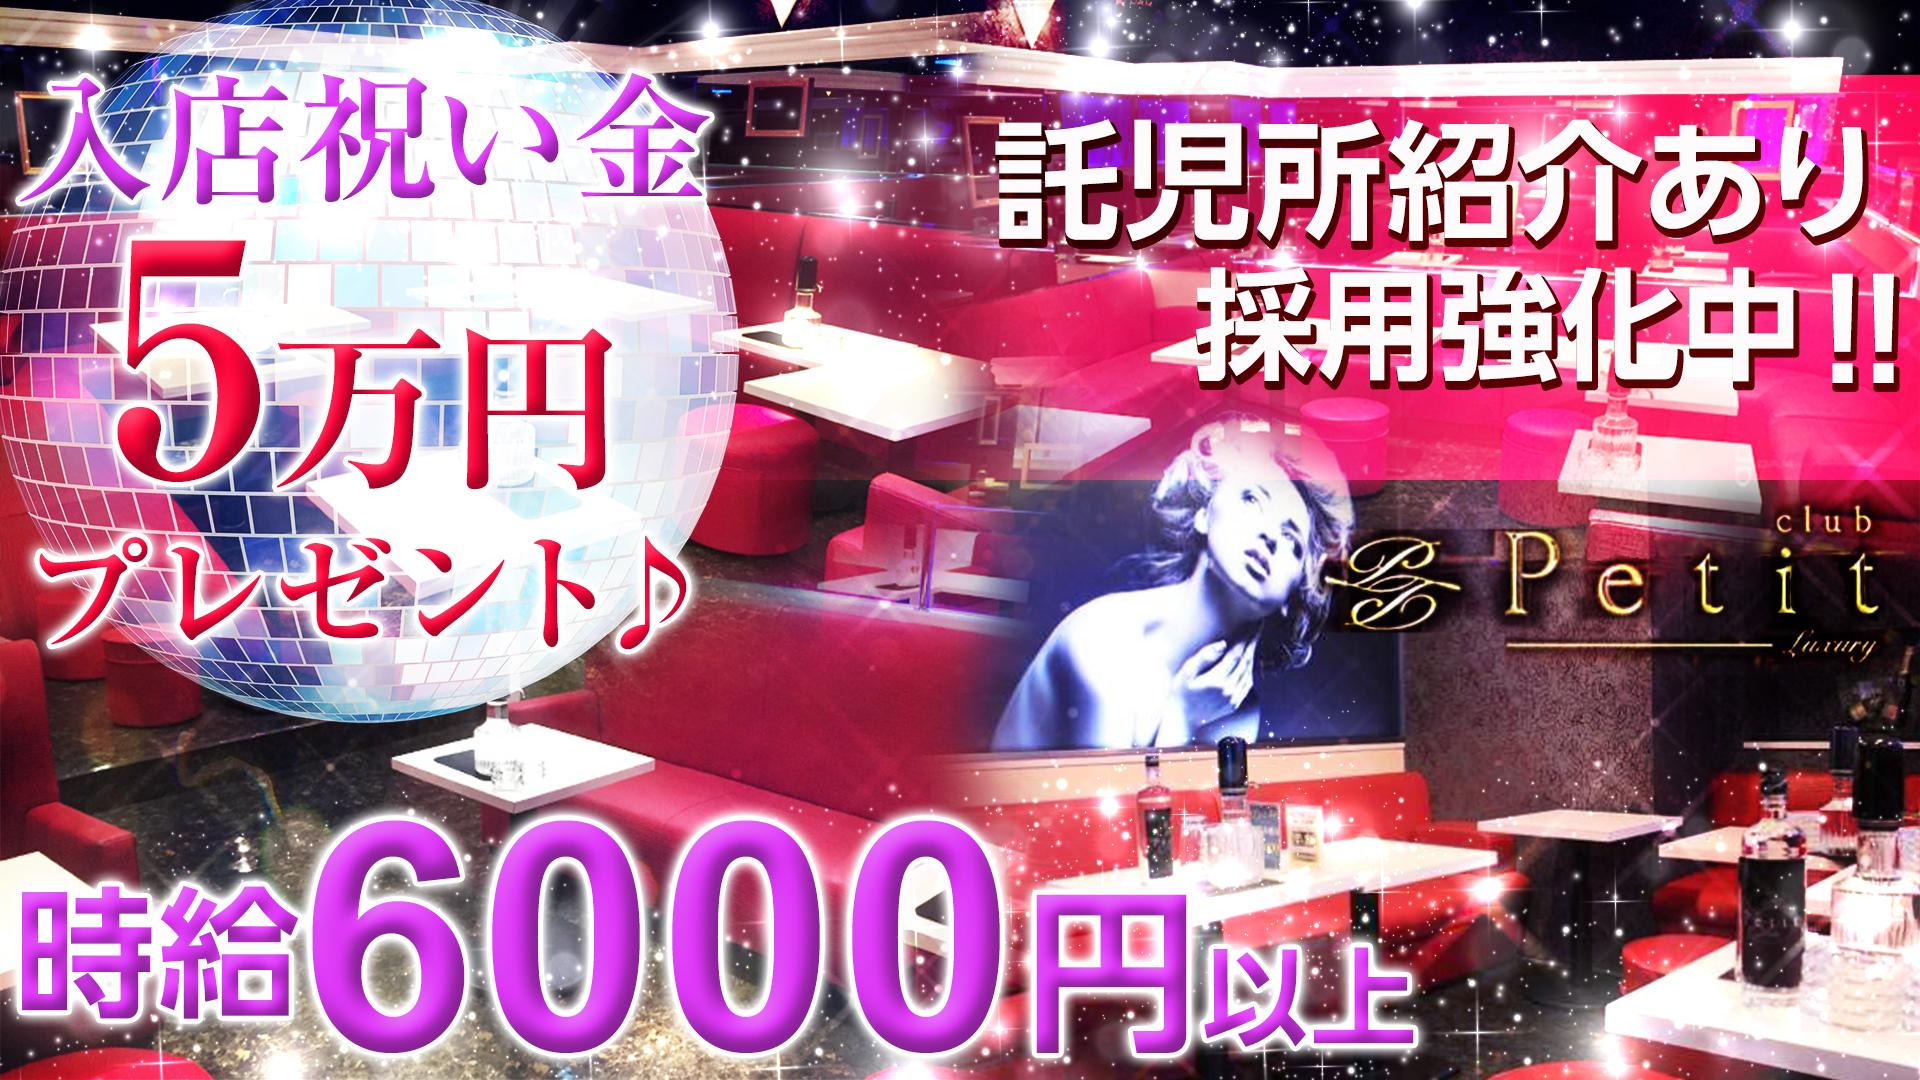 Club Petit[クラブ プティー] 関内 キャバクラ TOP画像